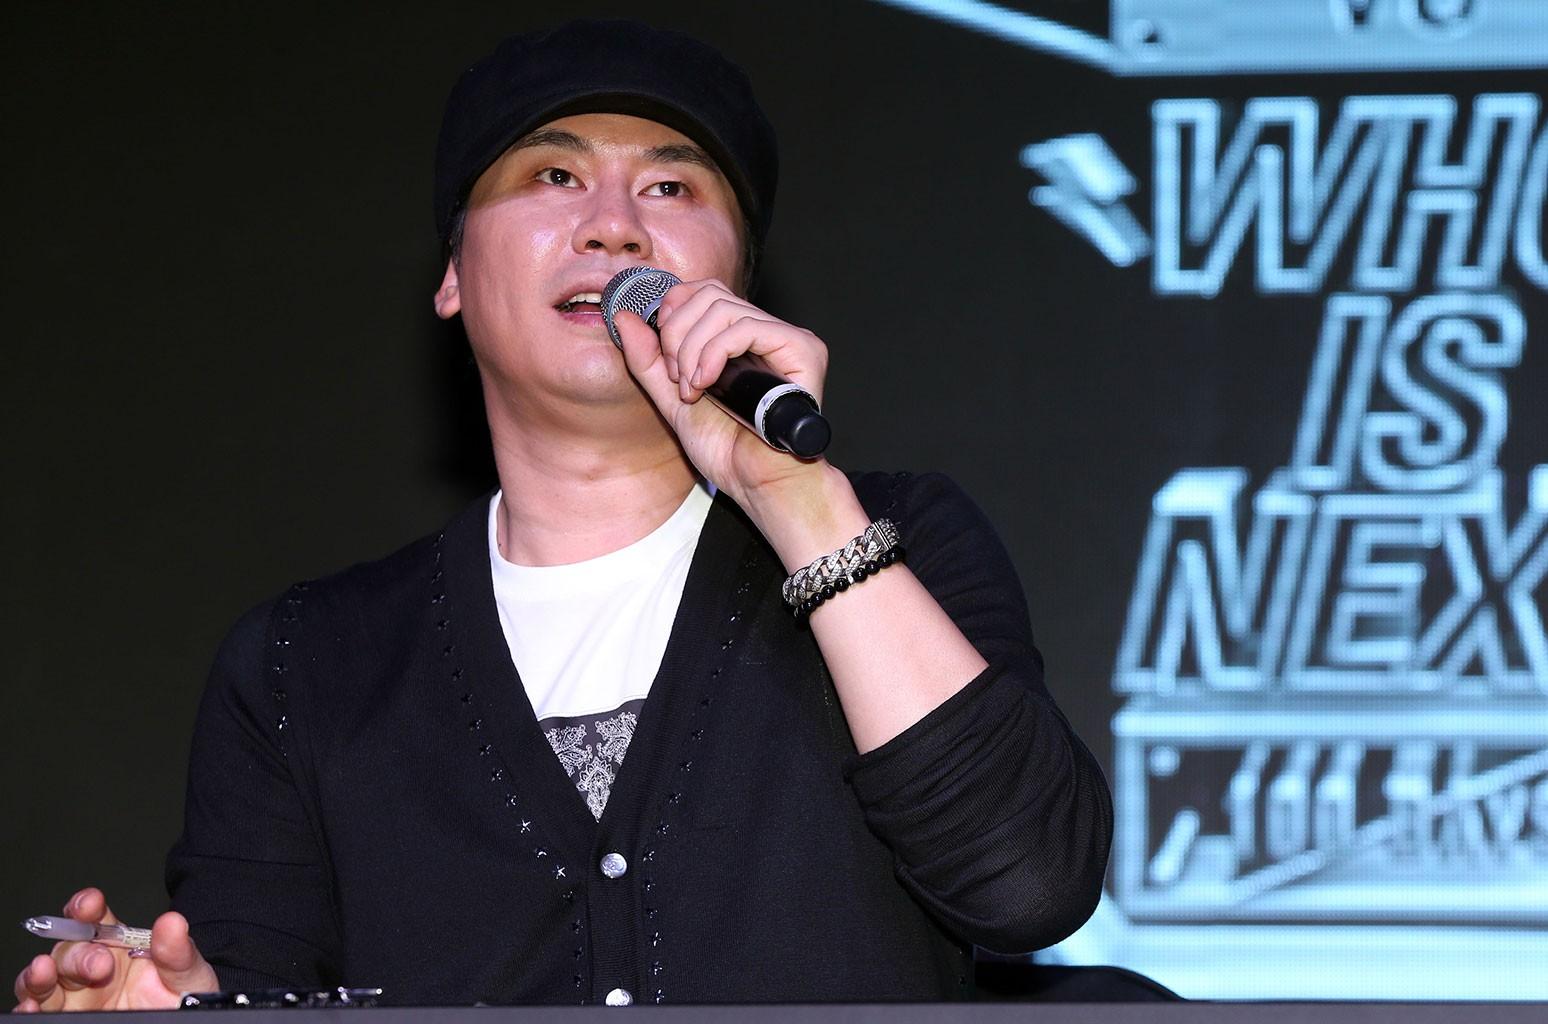 Yg Entertainment K Pop Label Chief Steps Down Over Drug Allegations Billboard Billboard